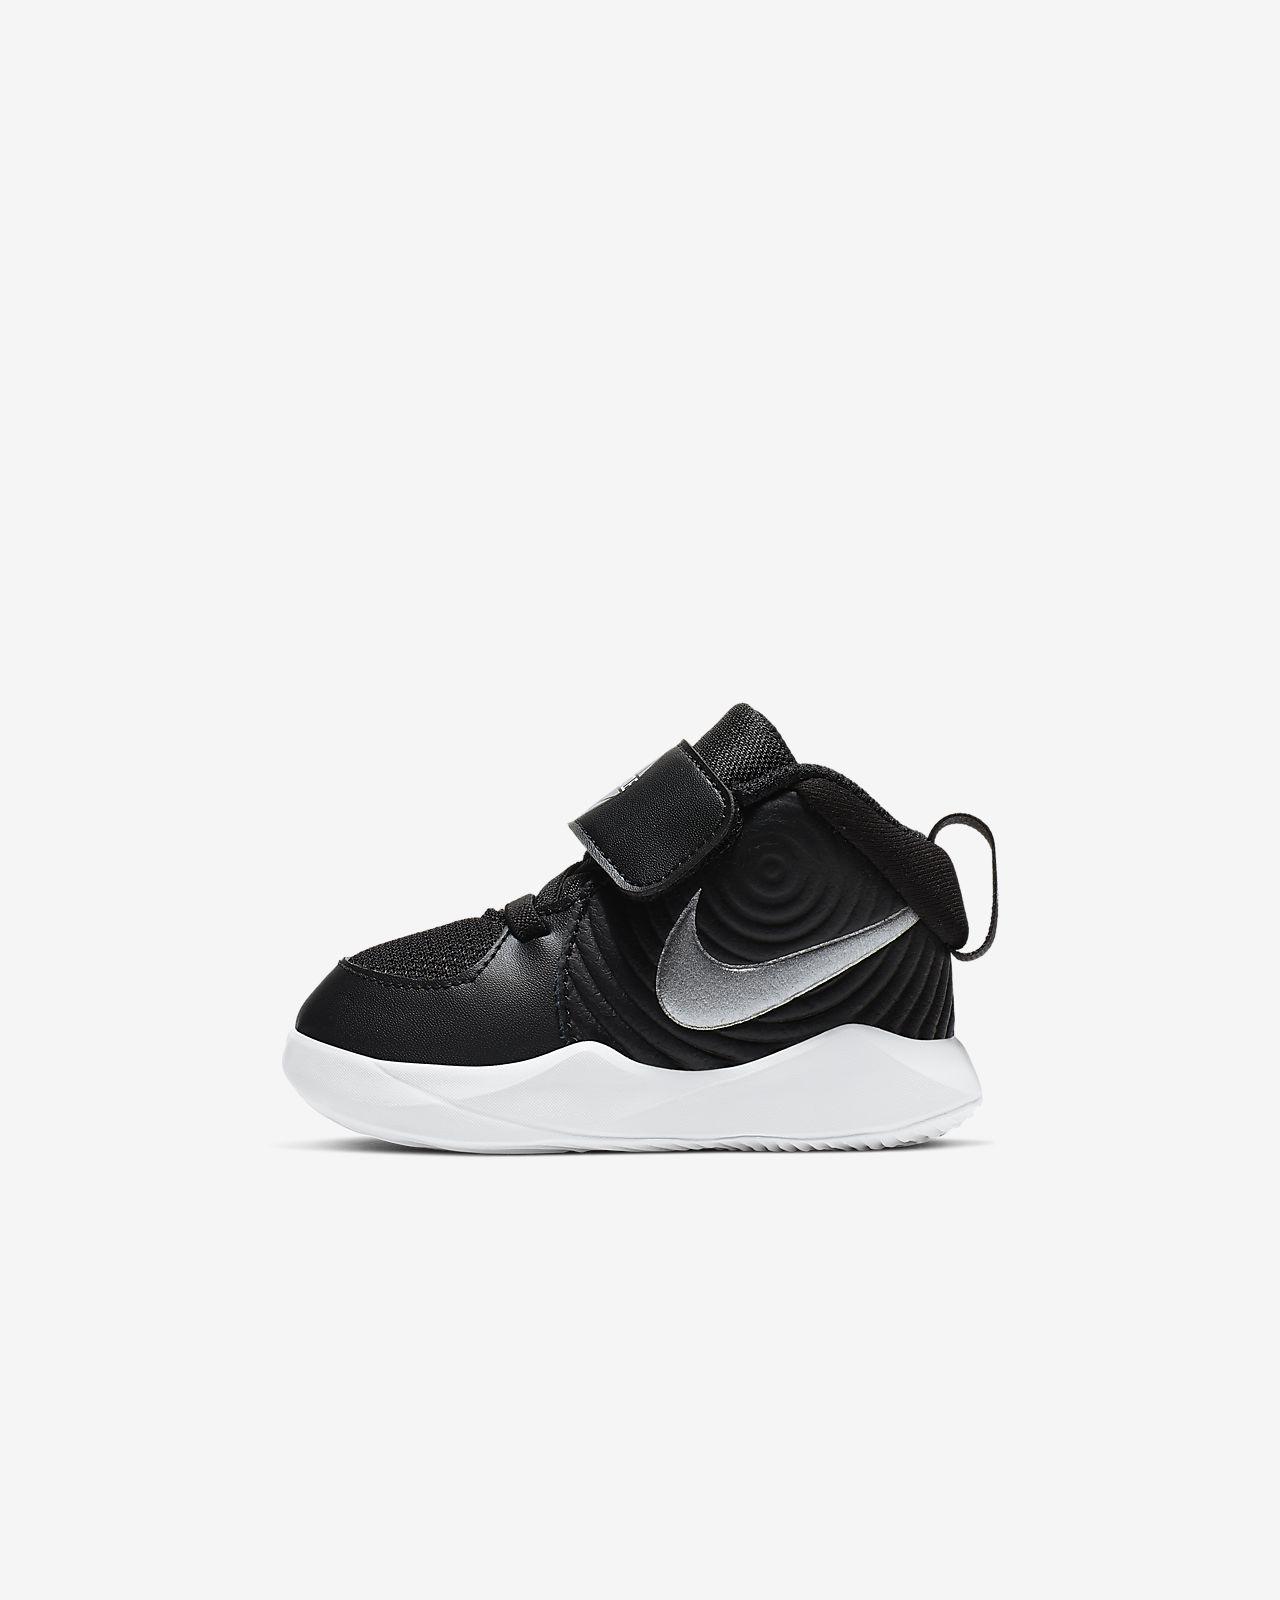 Nike Team Hustle D 9-sko til babyer/småbørn